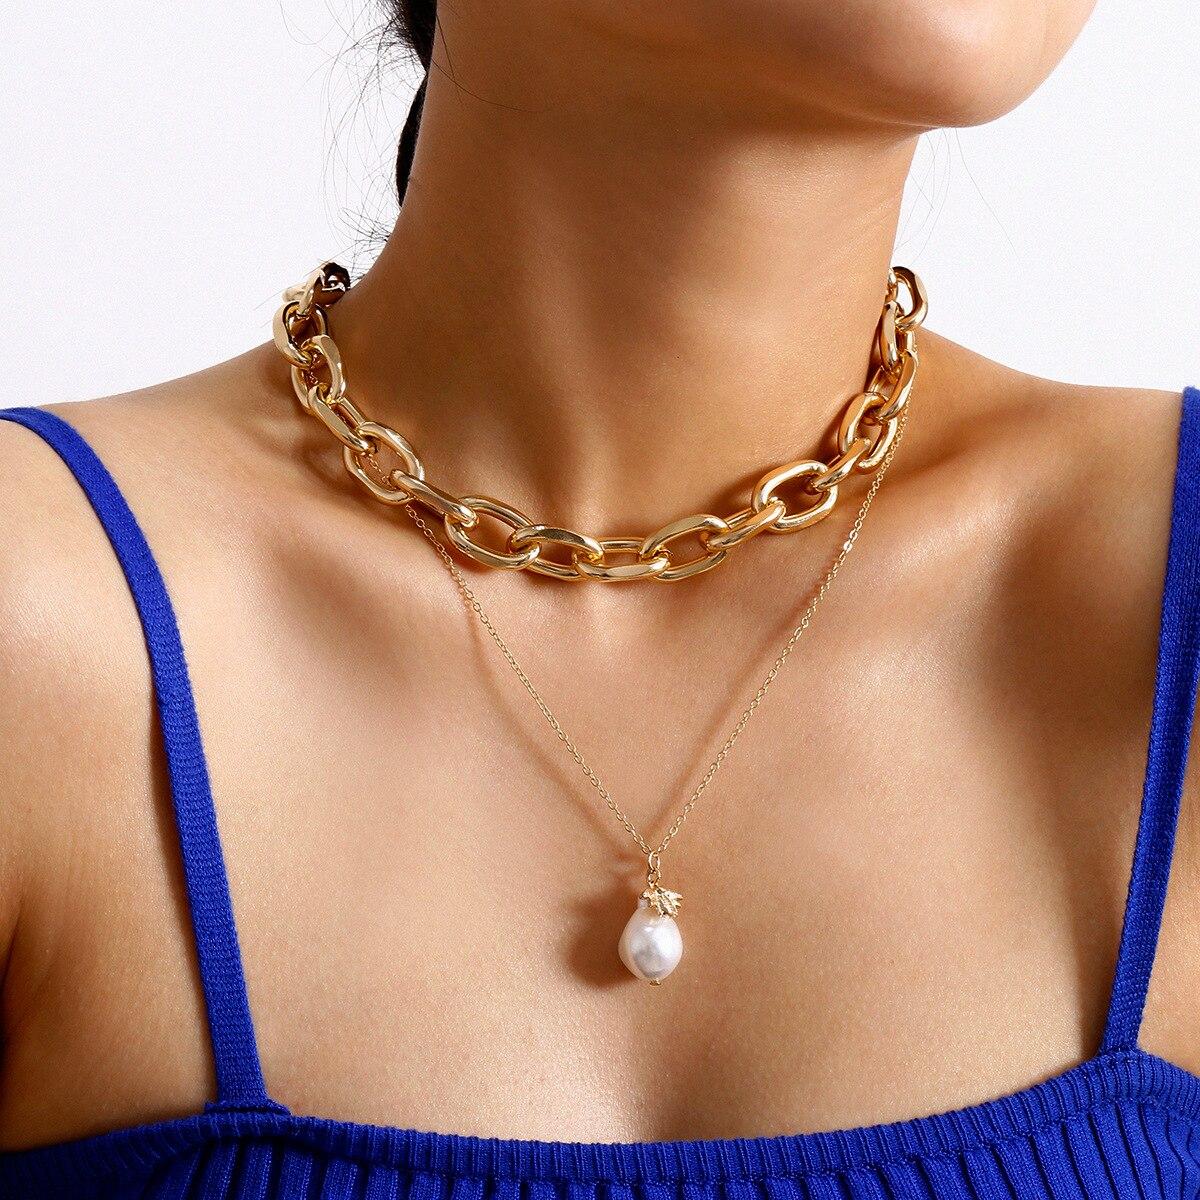 Nuevo collar en capas de perlas de abeja gargantilla Collares para las mujeres 2020 cadena Boho joyería Collares